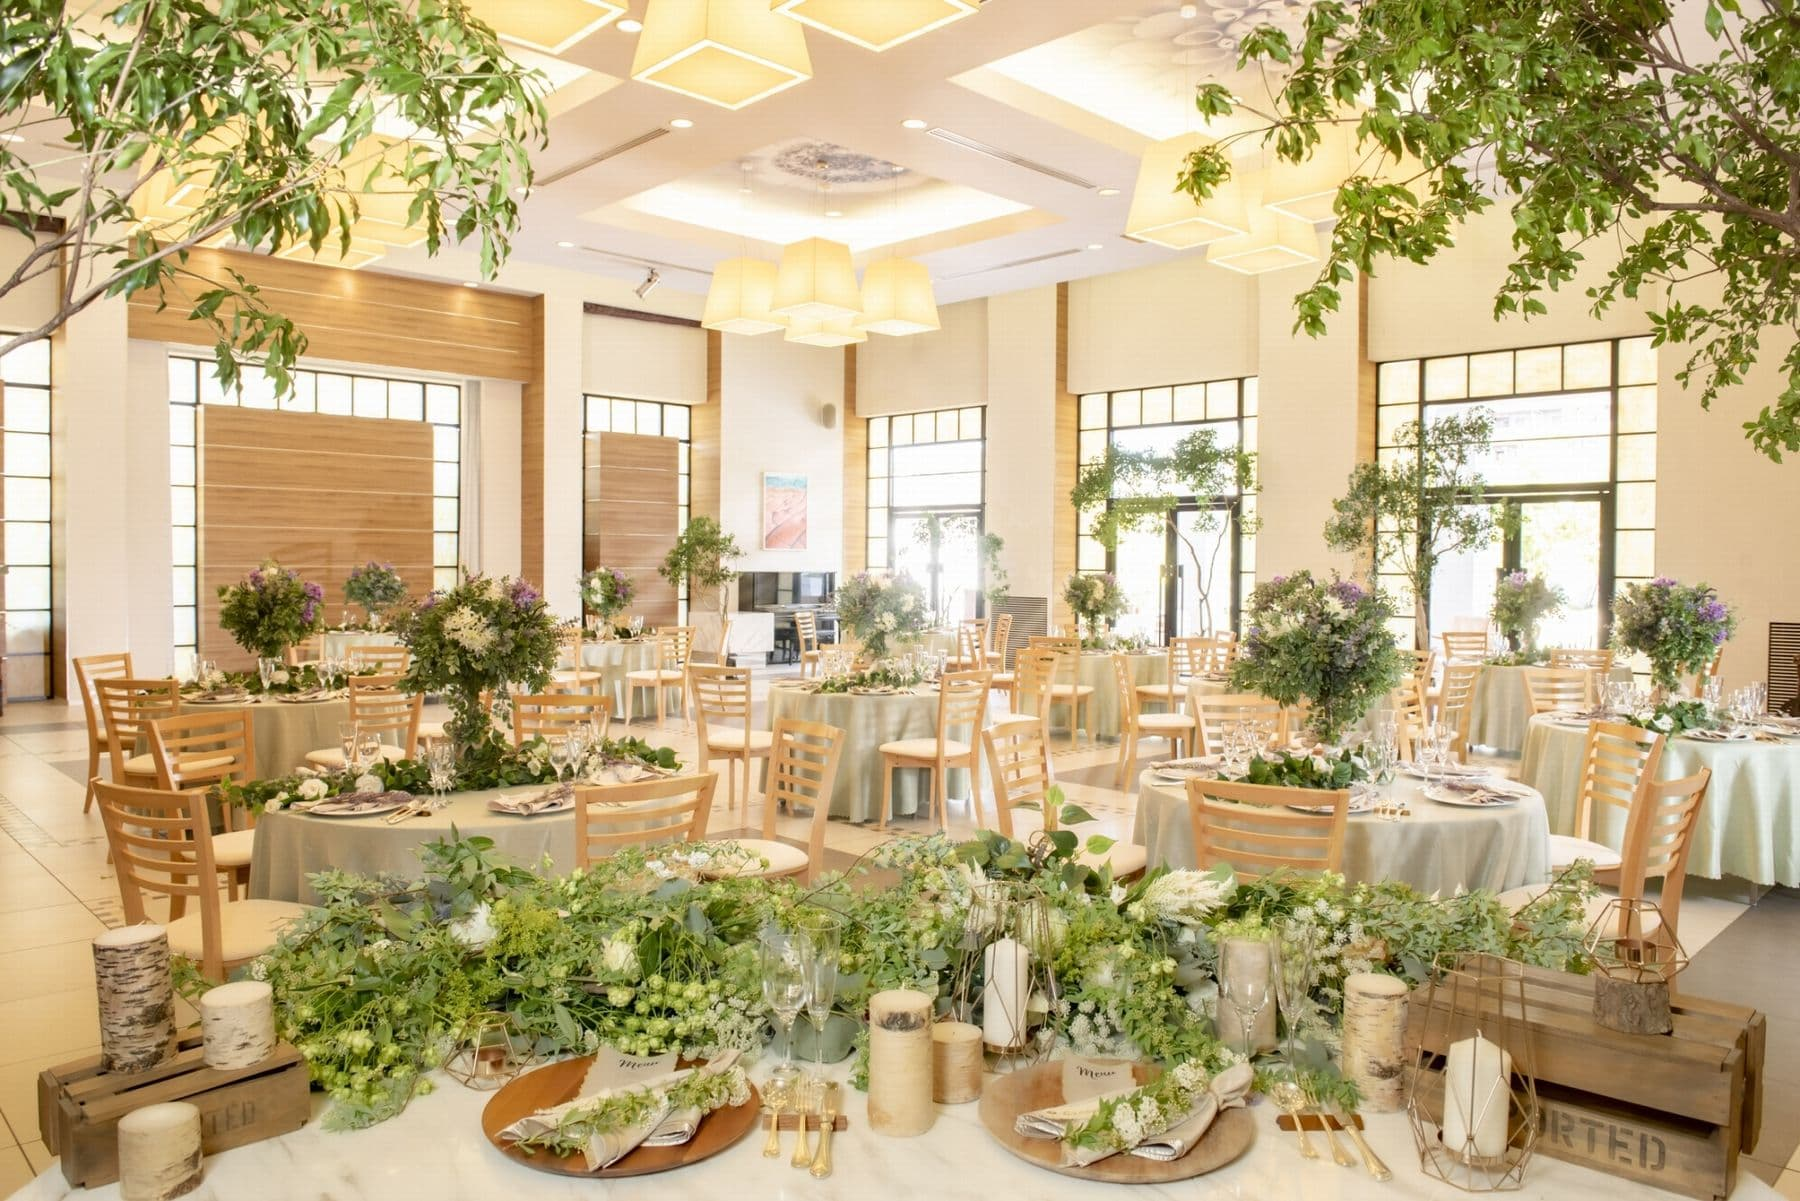 香川県の結婚式場シェルエメール&アイスタイルのモダンナチュラルな装花